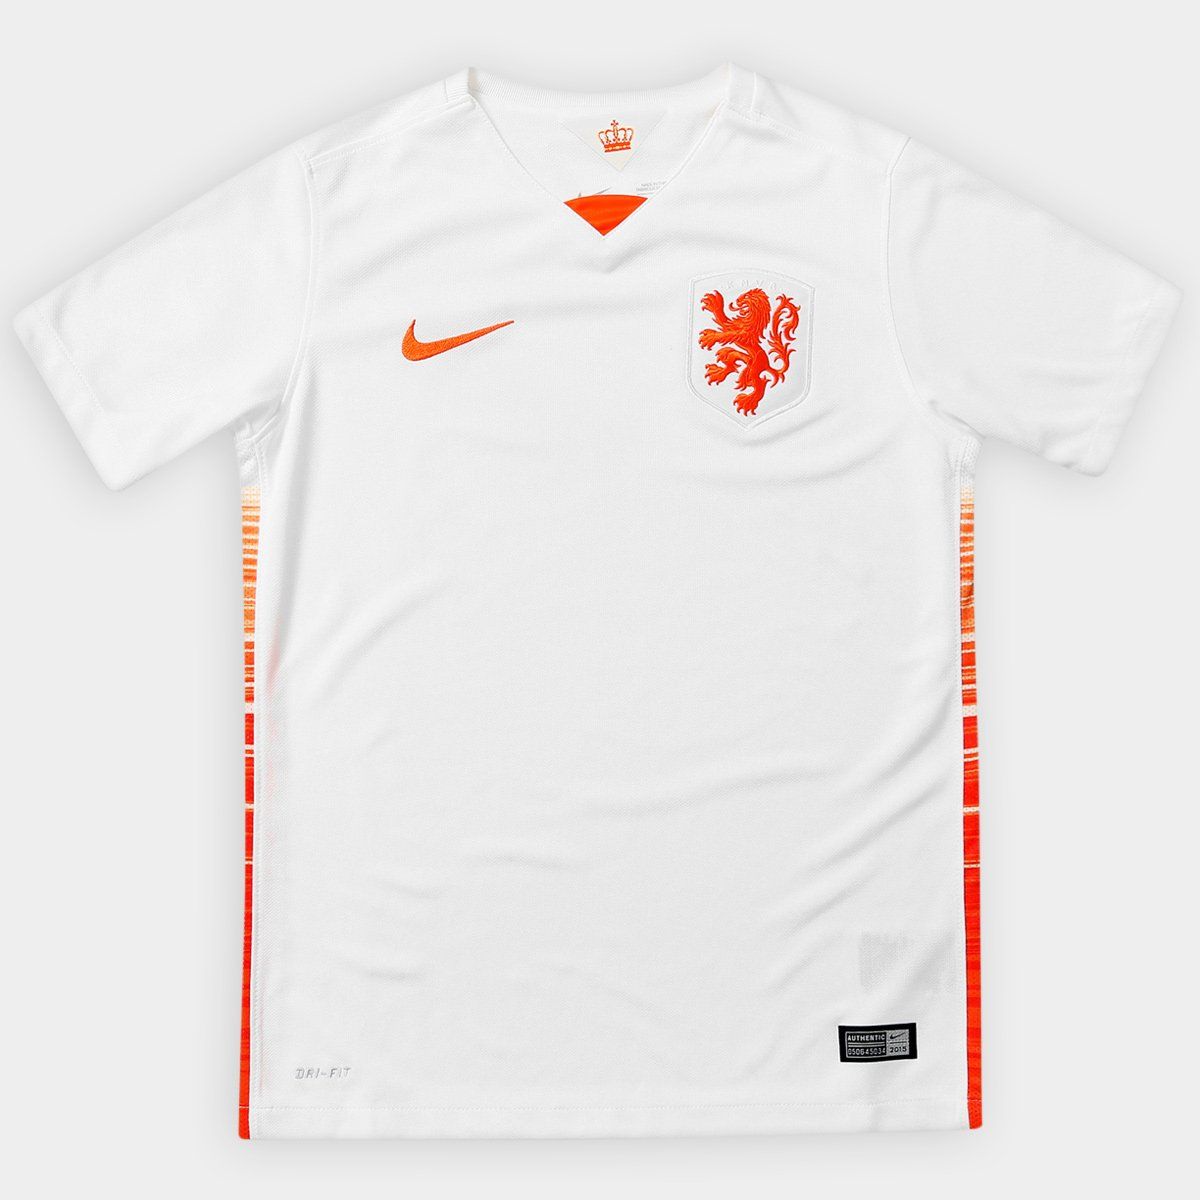 be9bfcc6dd Camisa Nike Seleção Holanda Away 15 16 s nº Infantil - Compre Agora ...